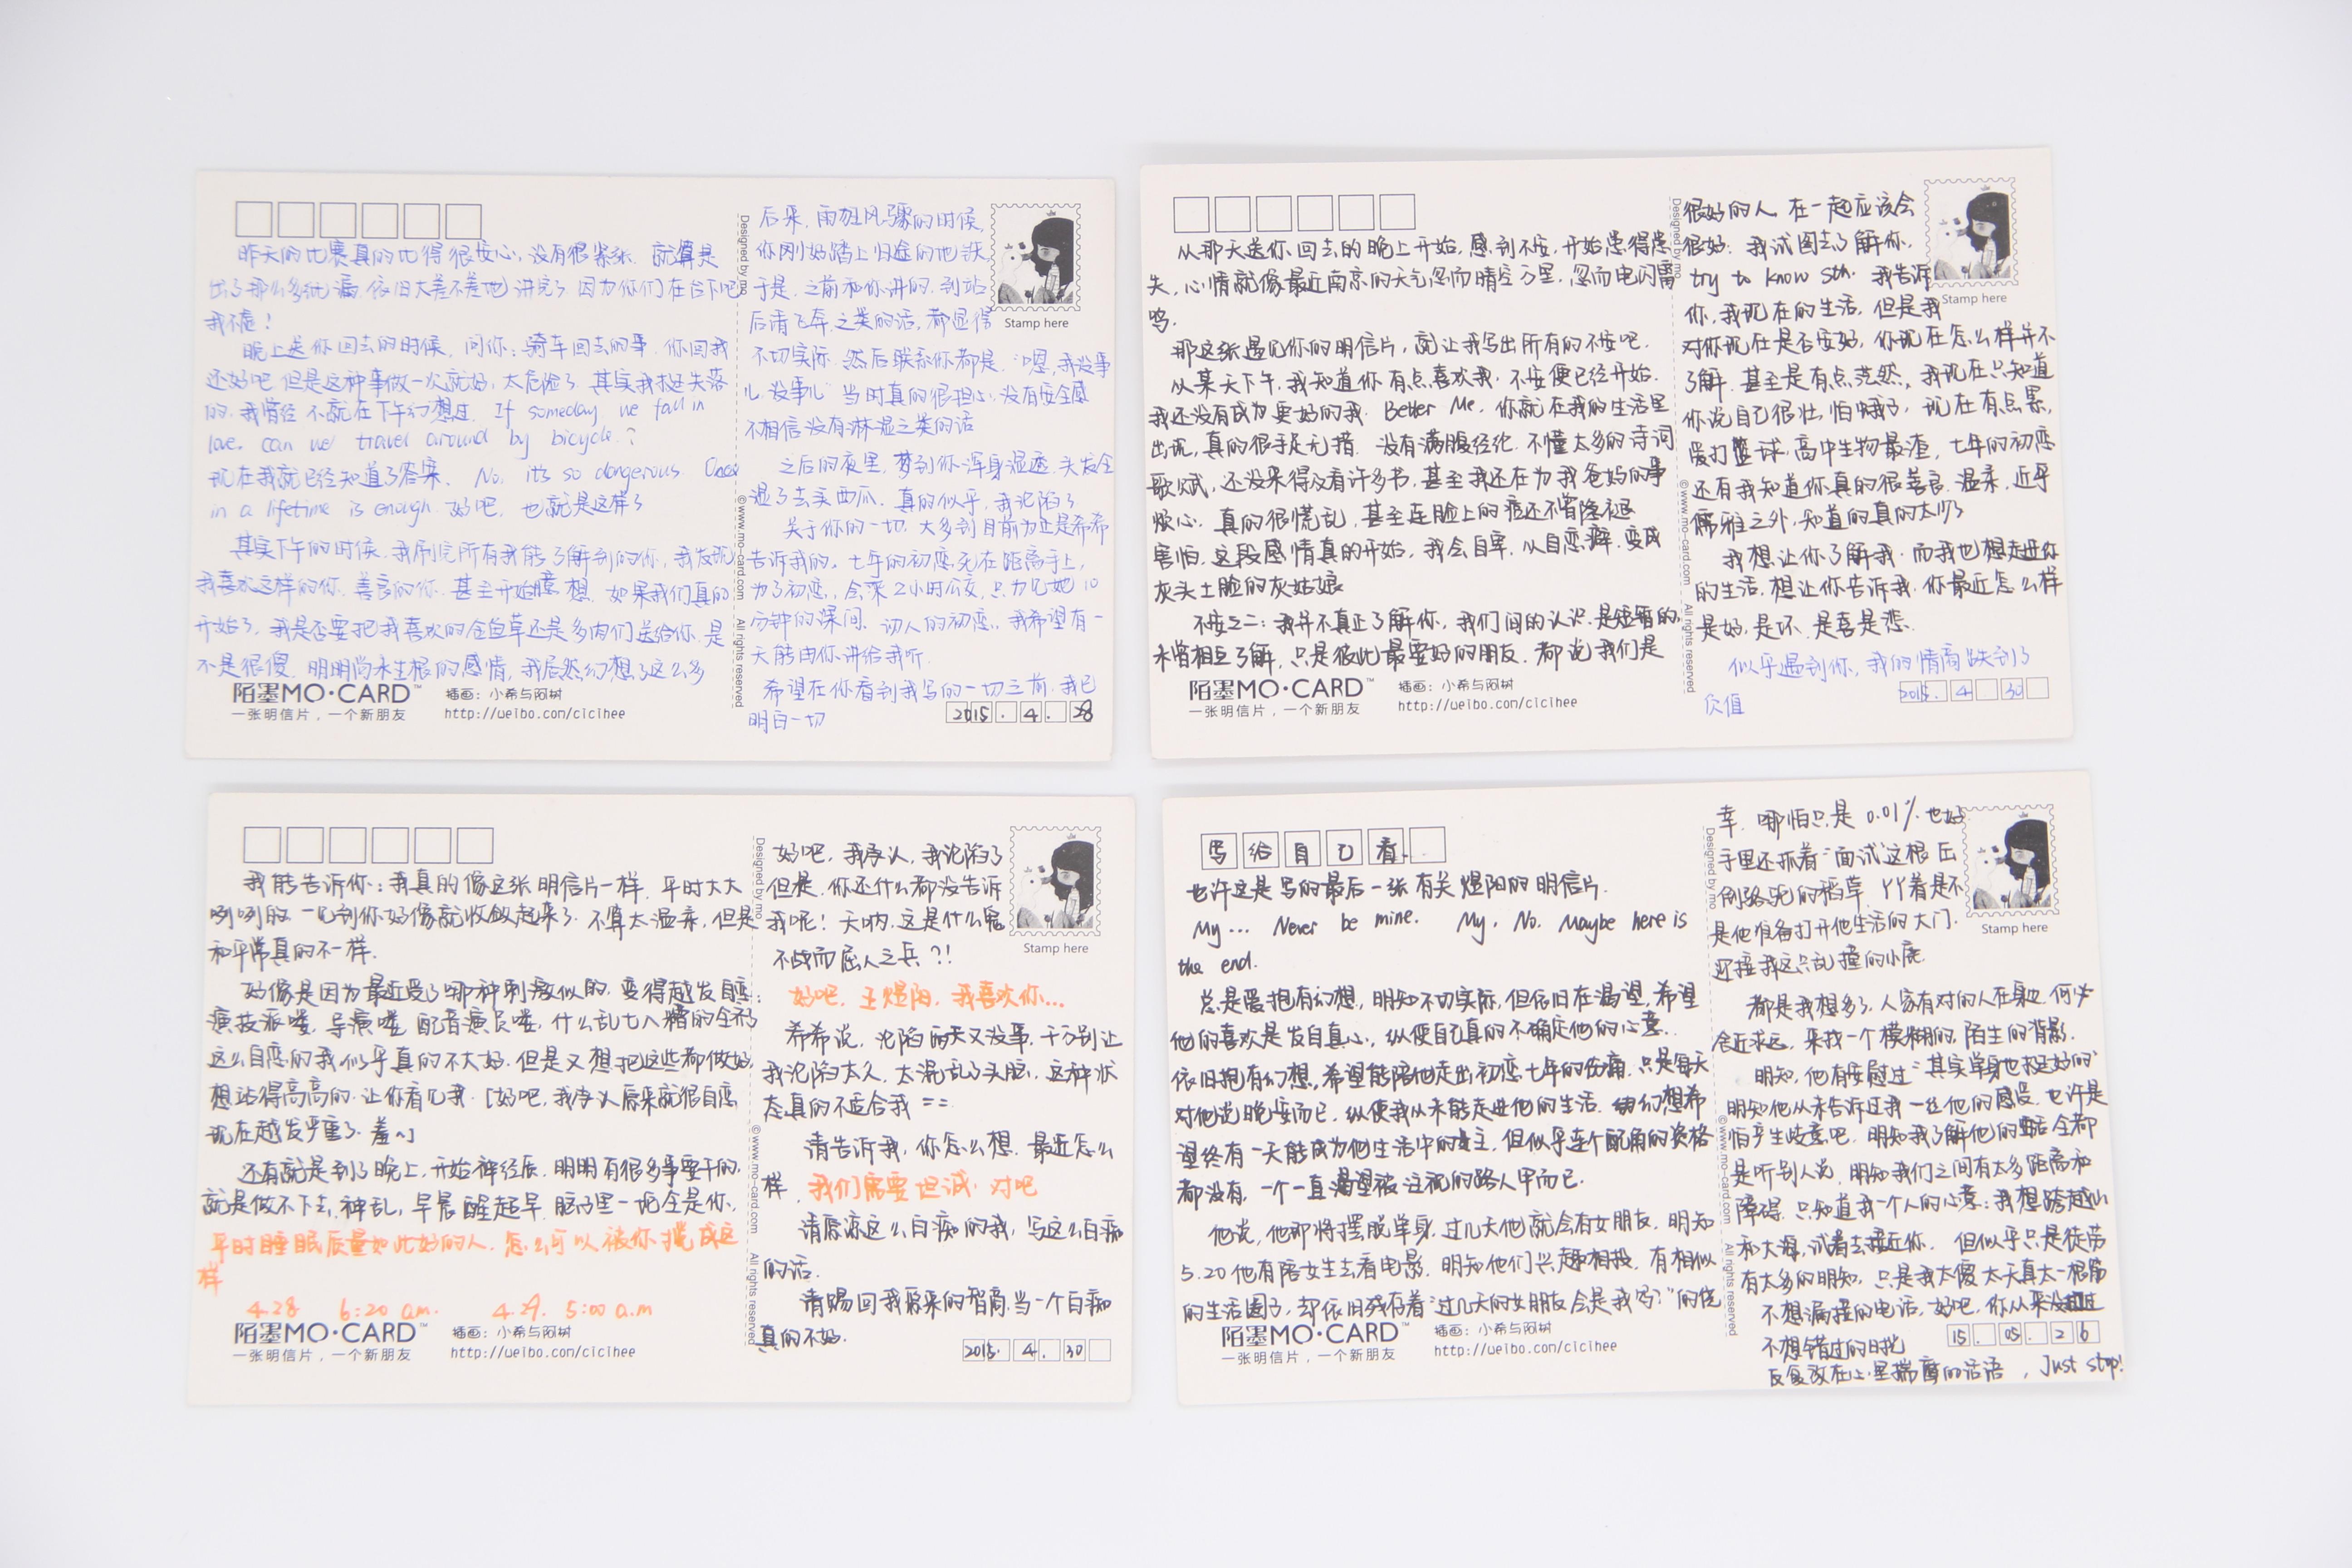 # 十张明信片,记录着我认真喜欢一个人的心。